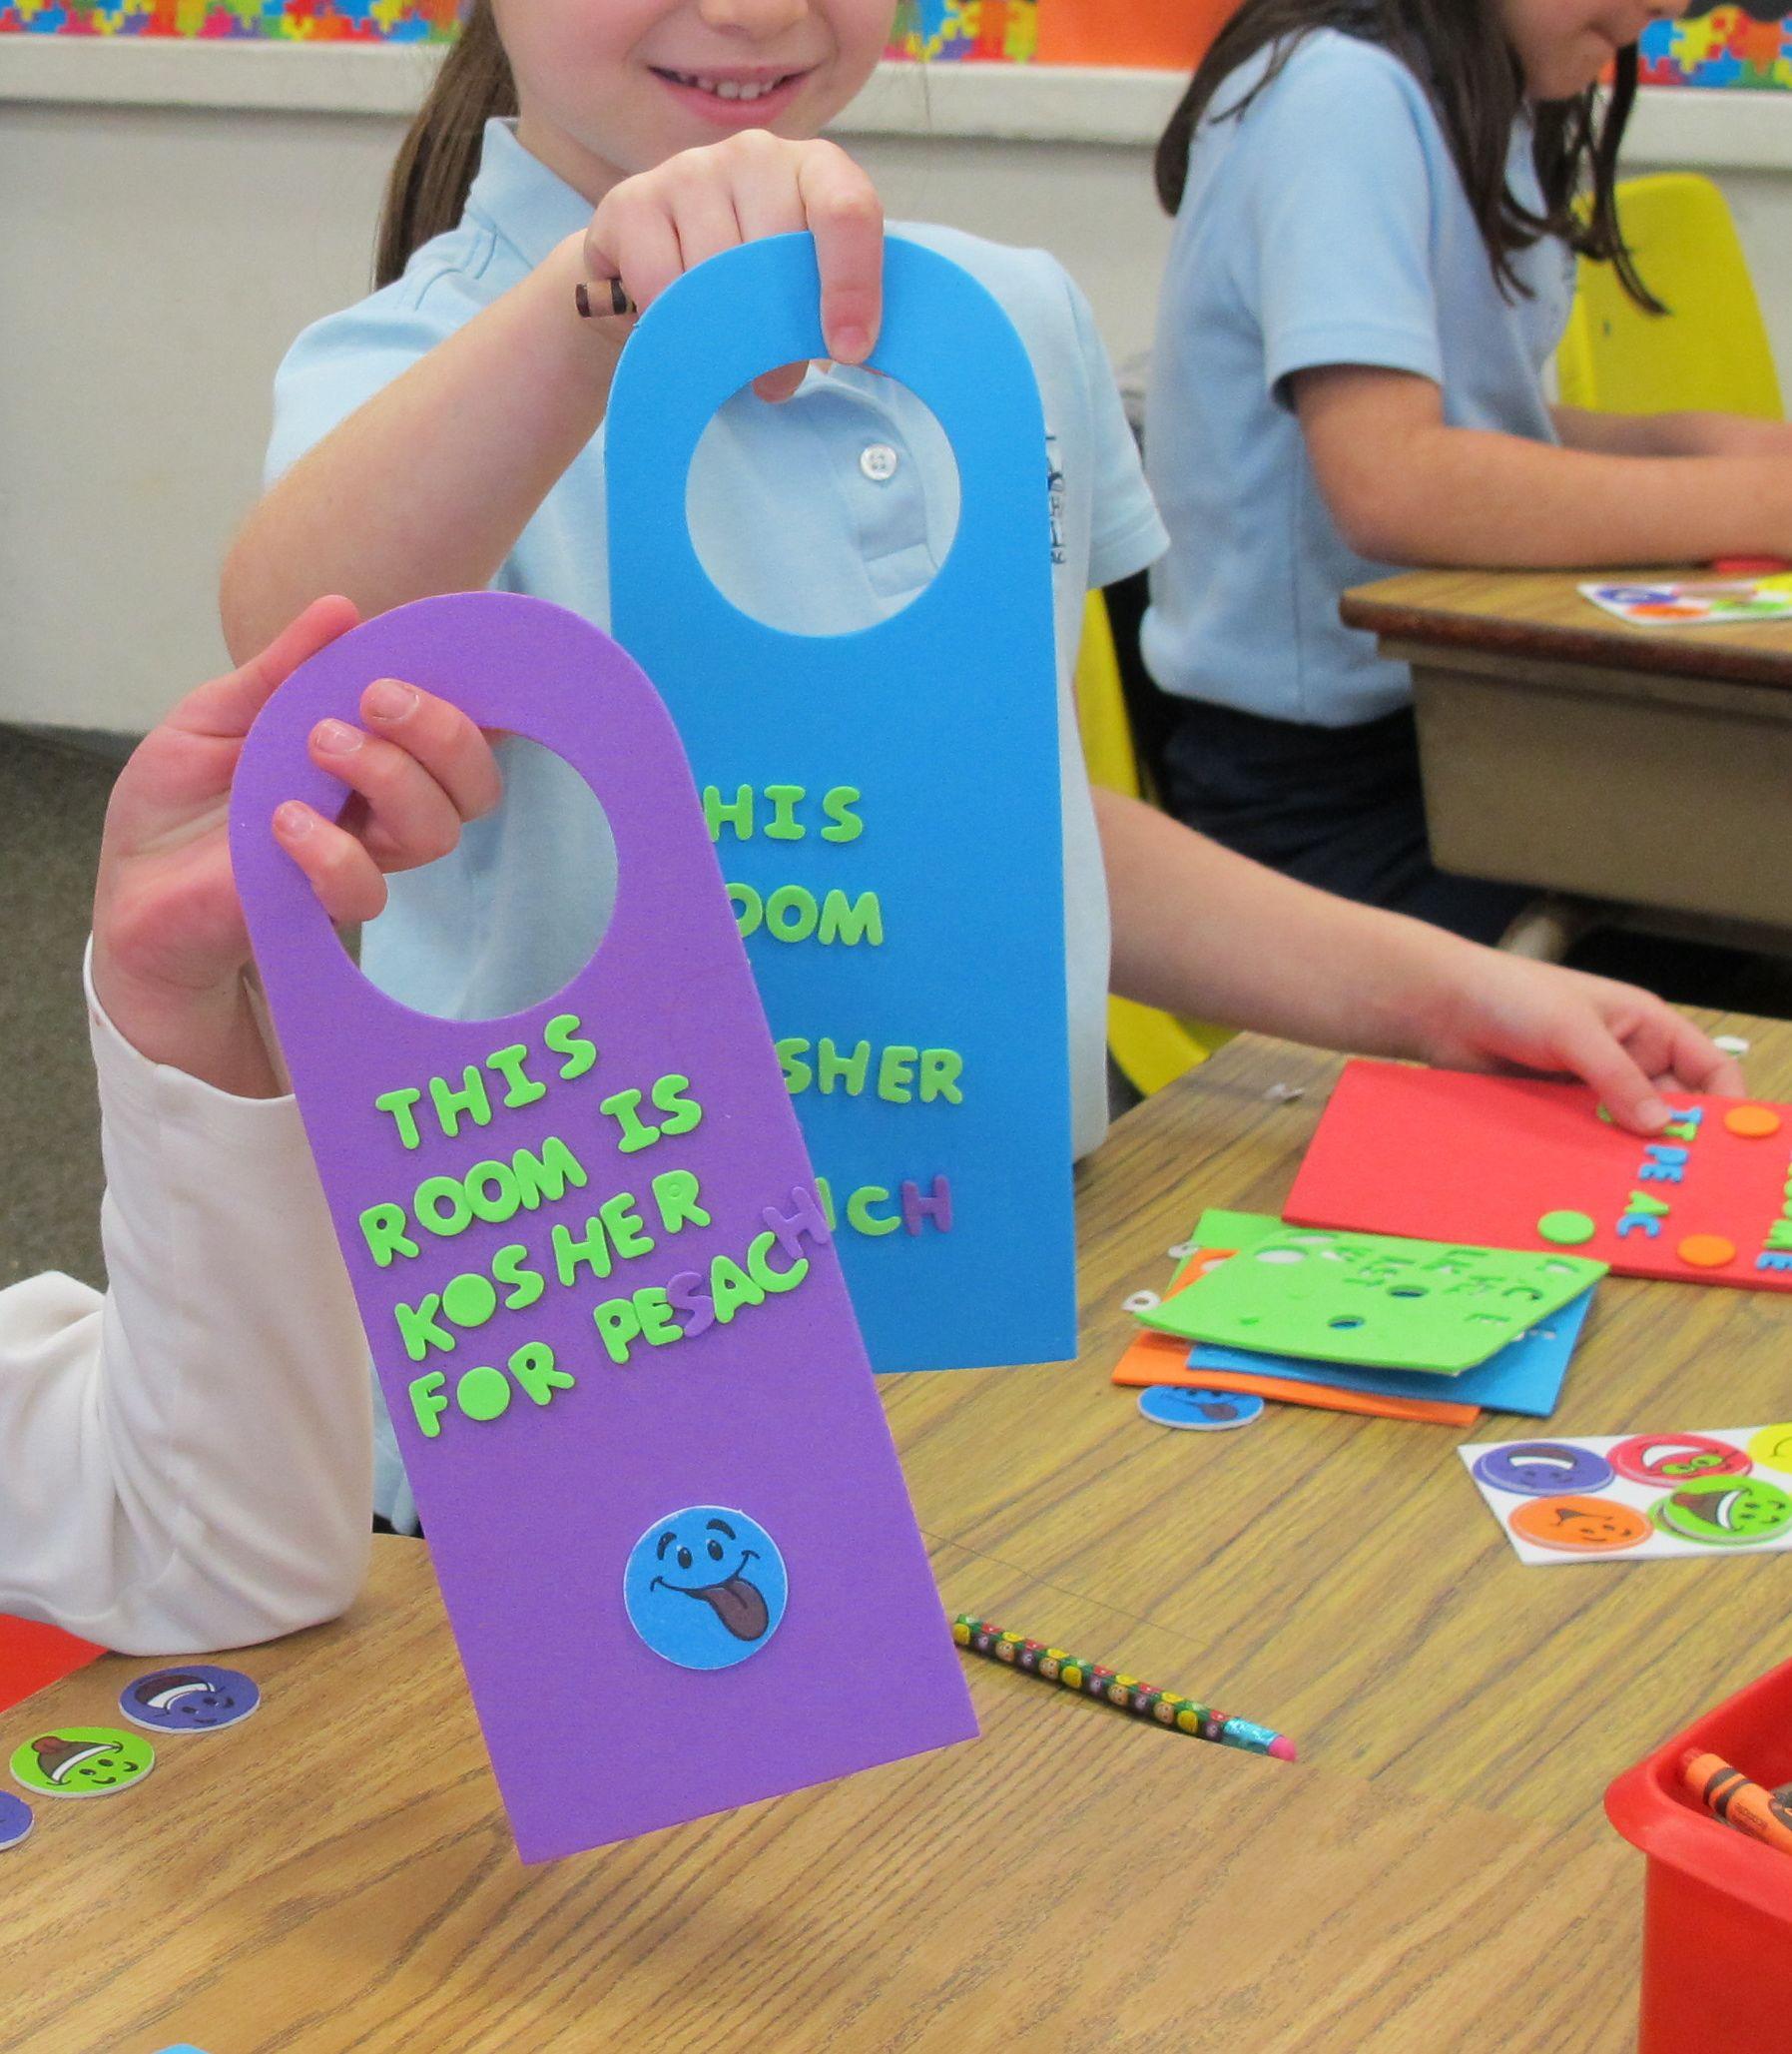 Pesach Door Hangers This Room Is Kosher For Pesach Pesach Crafts Preschool Activities Passover Crafts [ 2057 x 1795 Pixel ]